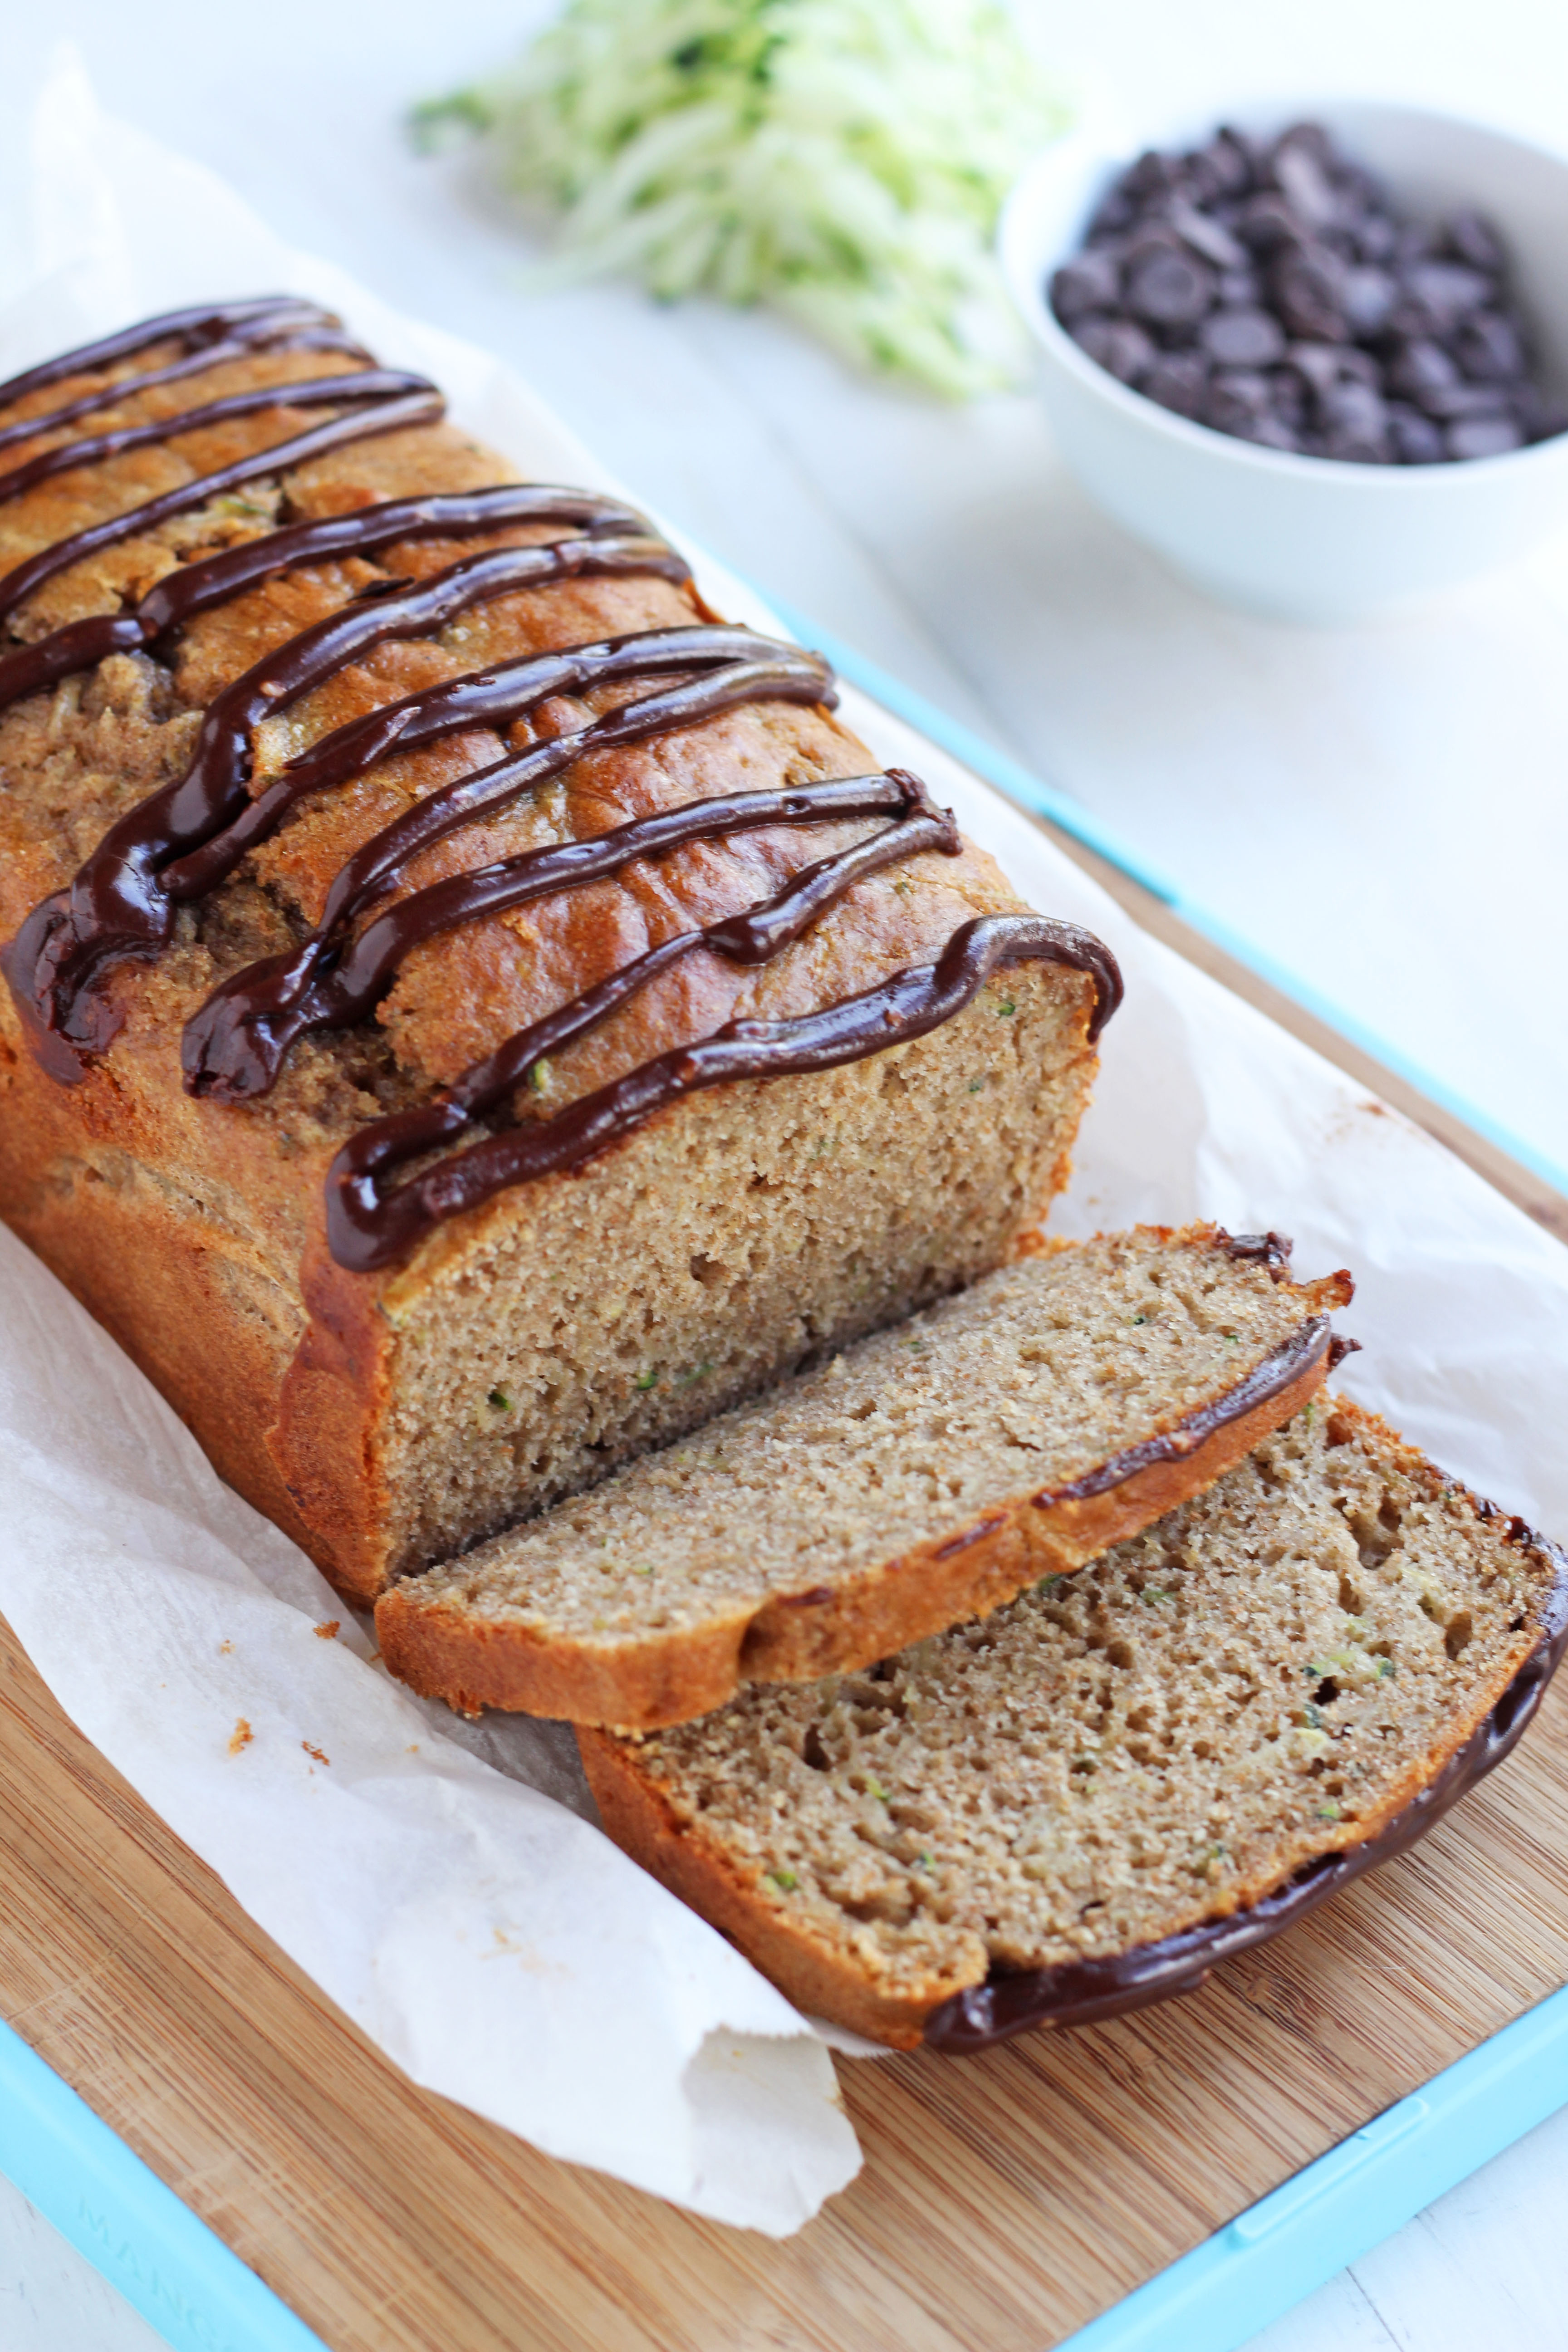 Zucchini bread with chocolate glaze